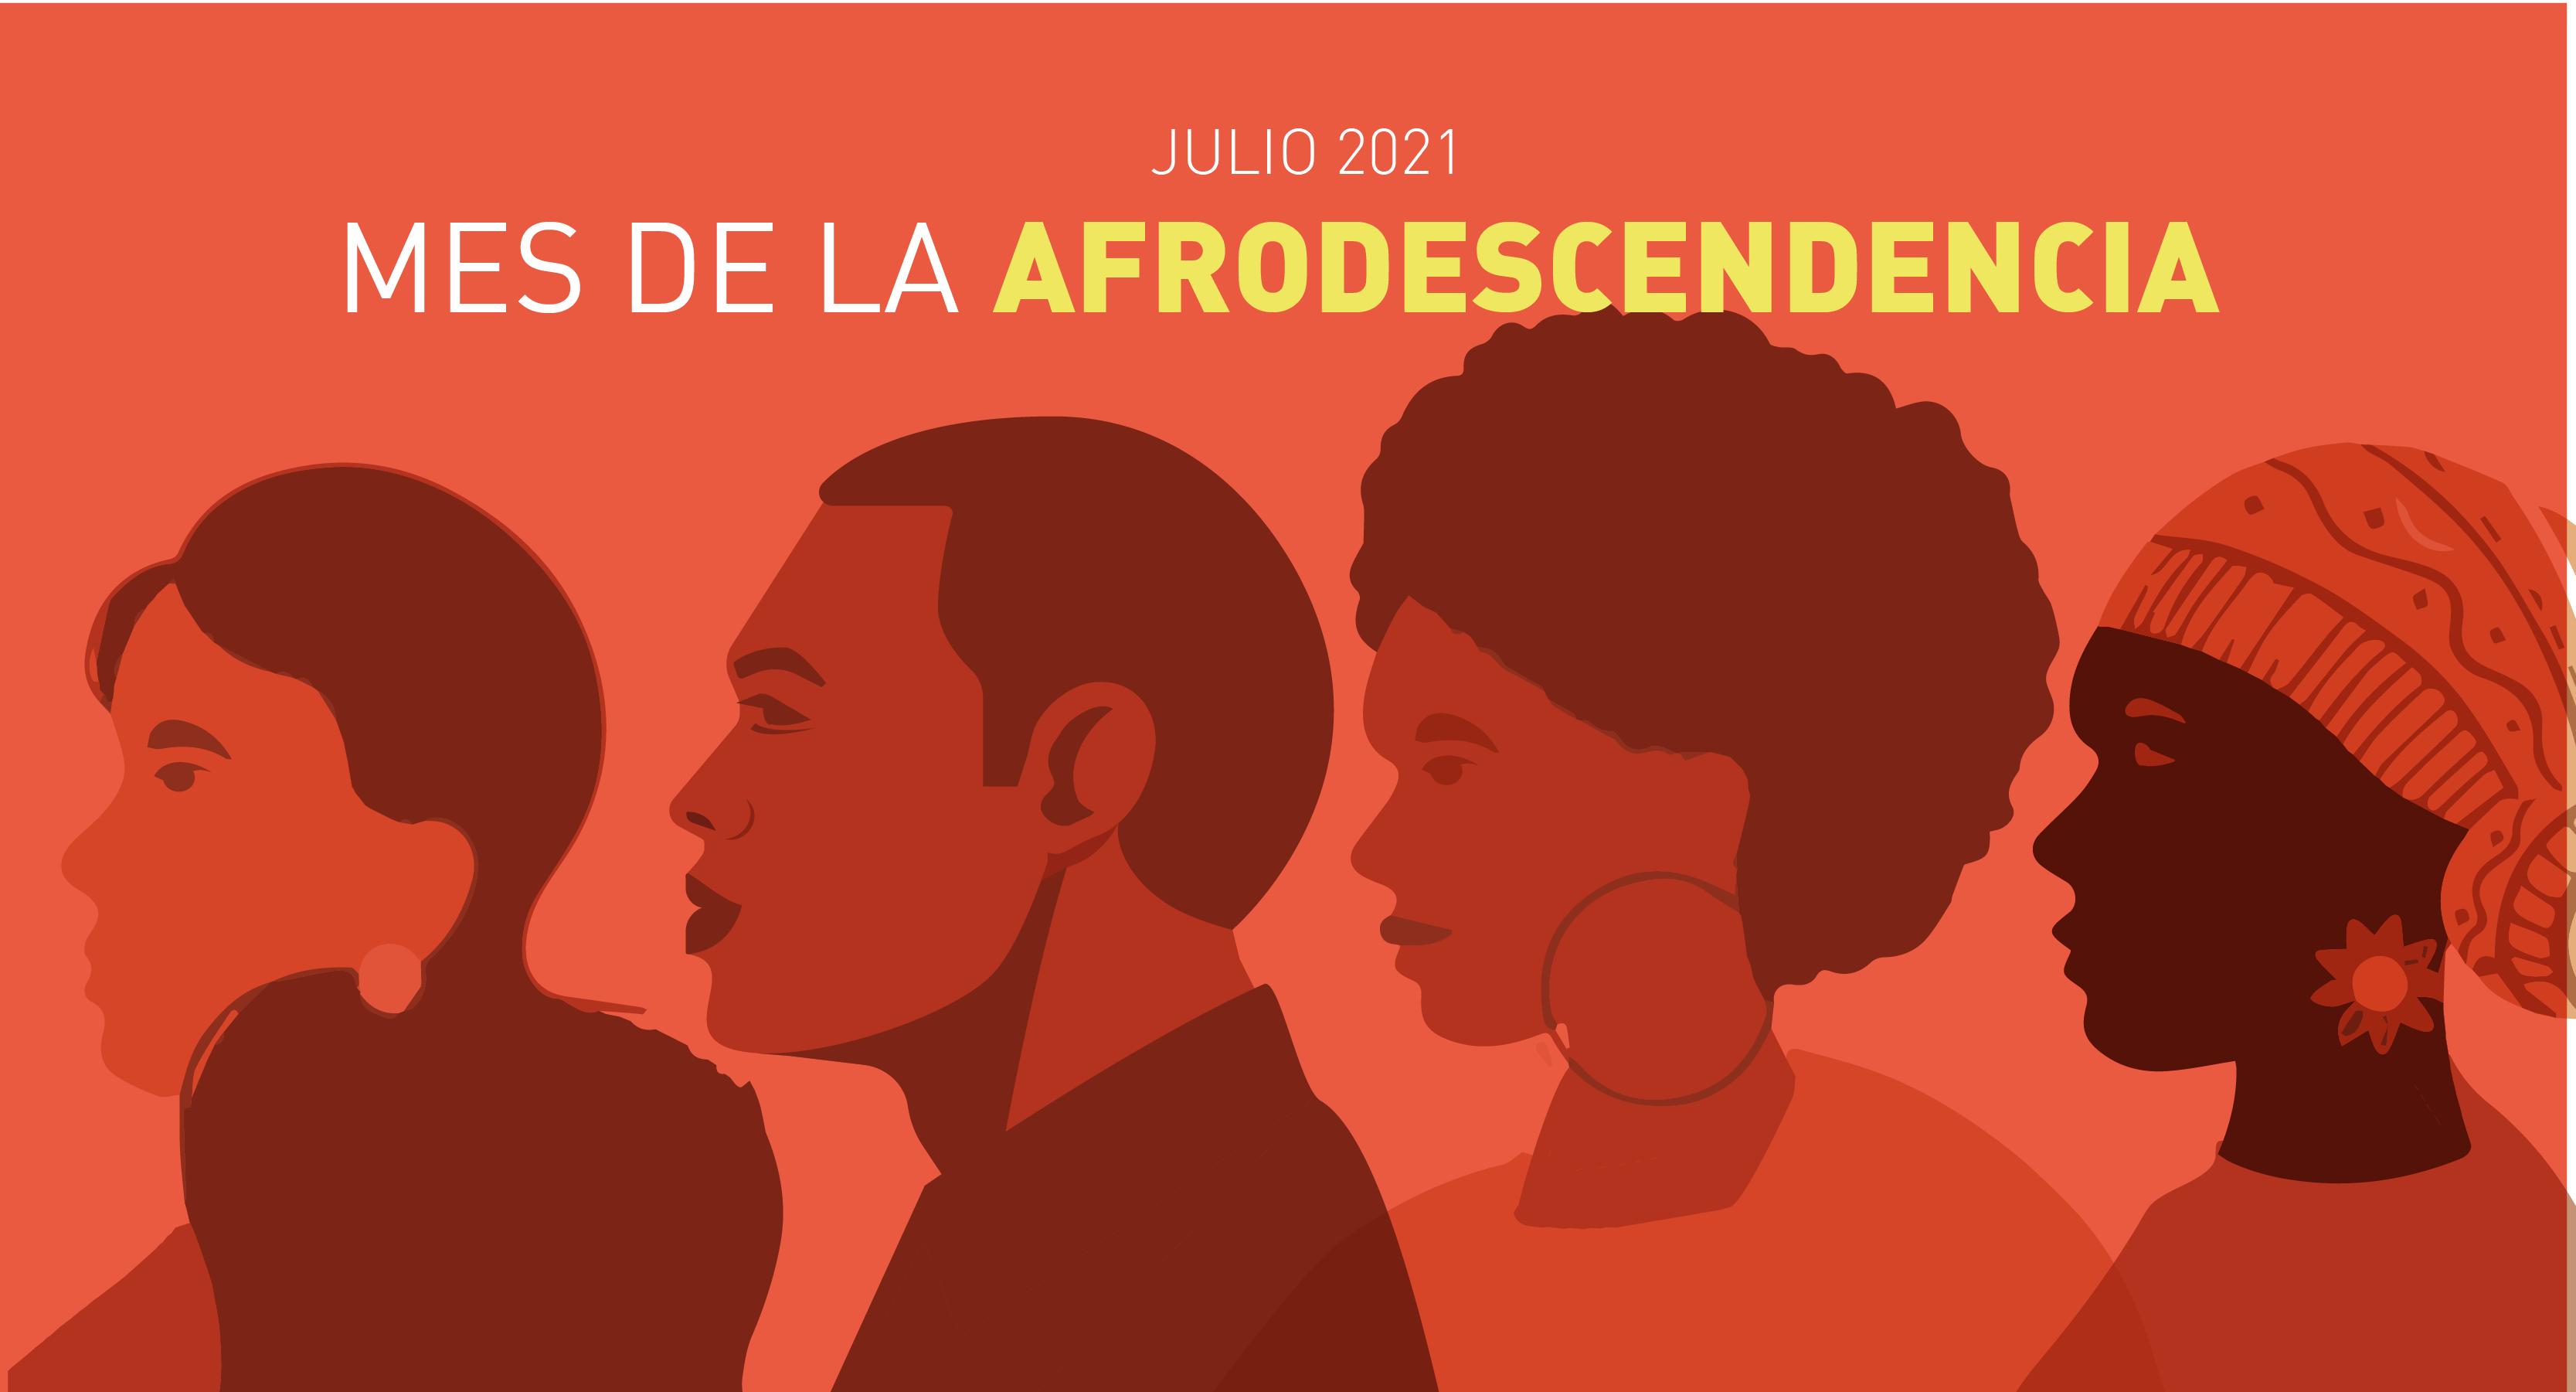 ACERCANDO DISTANCIAS ACTIVIDADES EN EL MES DE LA AFRODESCENDENCIA.